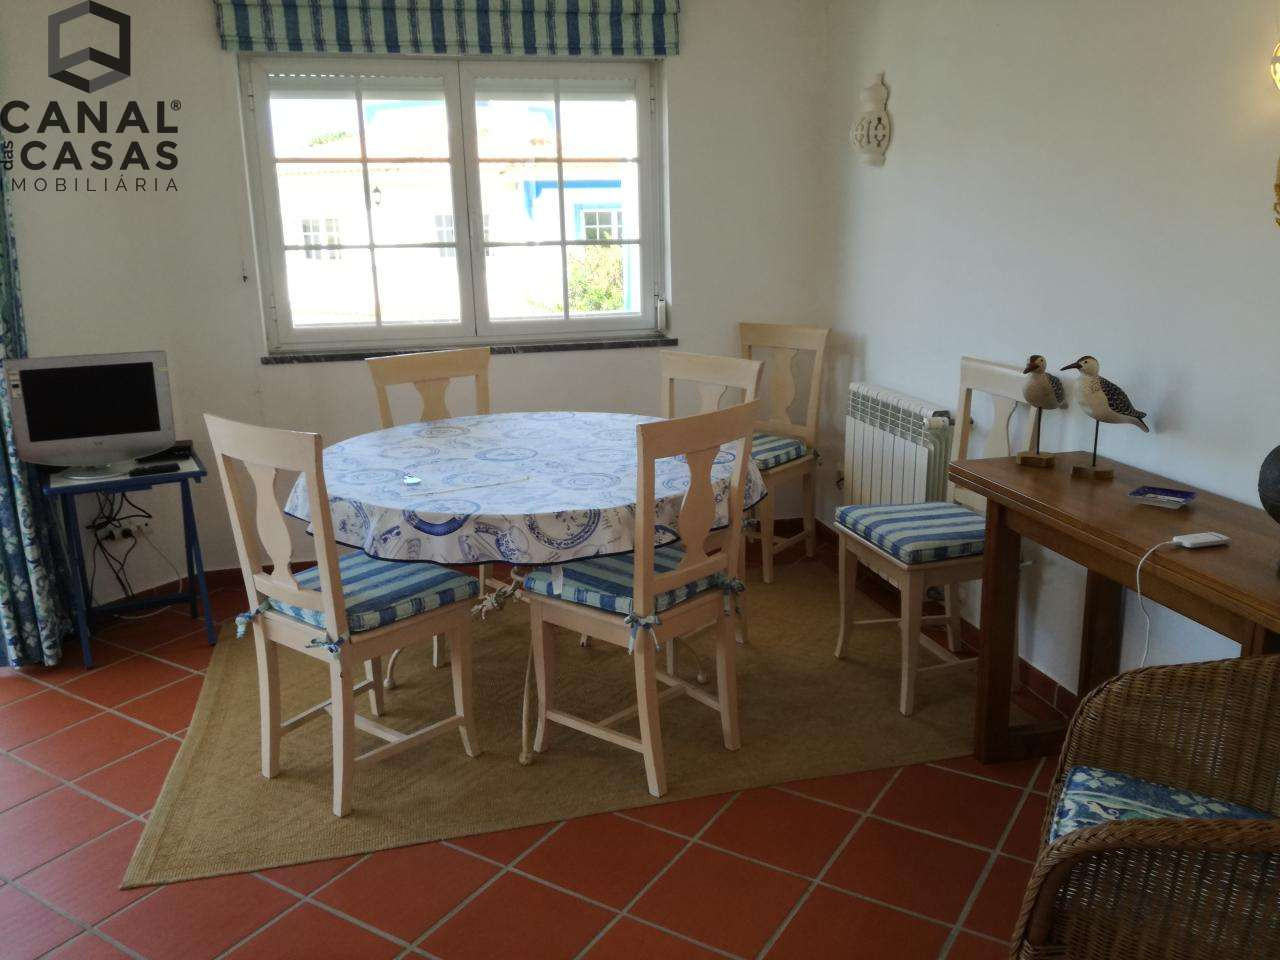 Apartamento para comprar, Amoreira, Leiria - Foto 4